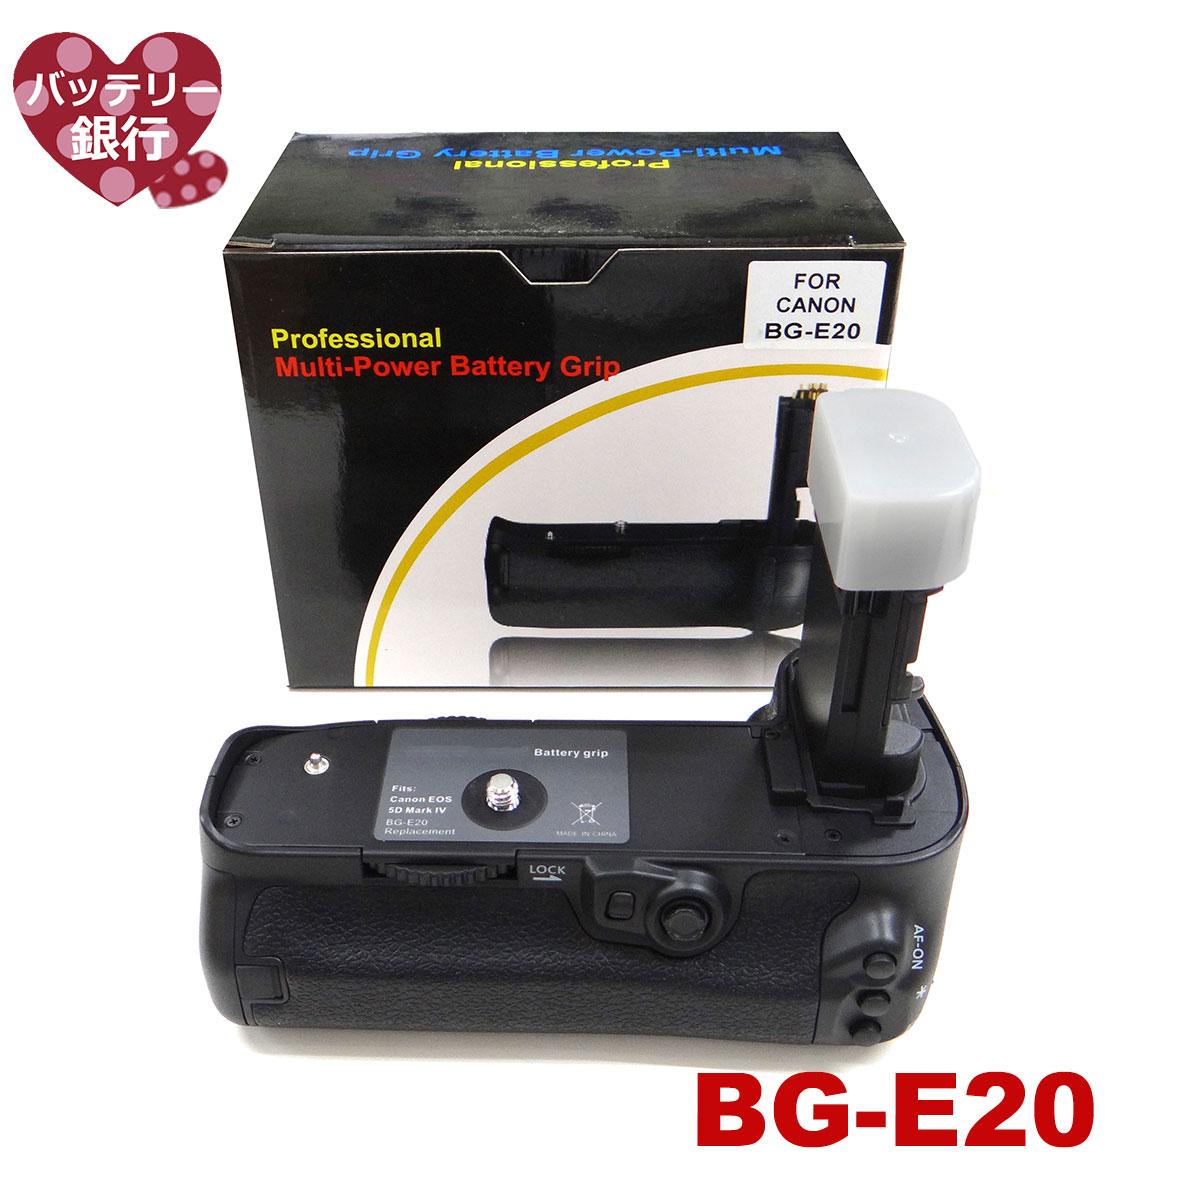 【】送料無料キヤノン CANON BG-E20 バッテリーグリップ純正互換品 LP-E6 / LP-E6N / EOS 5D Mark IV カメラ専用